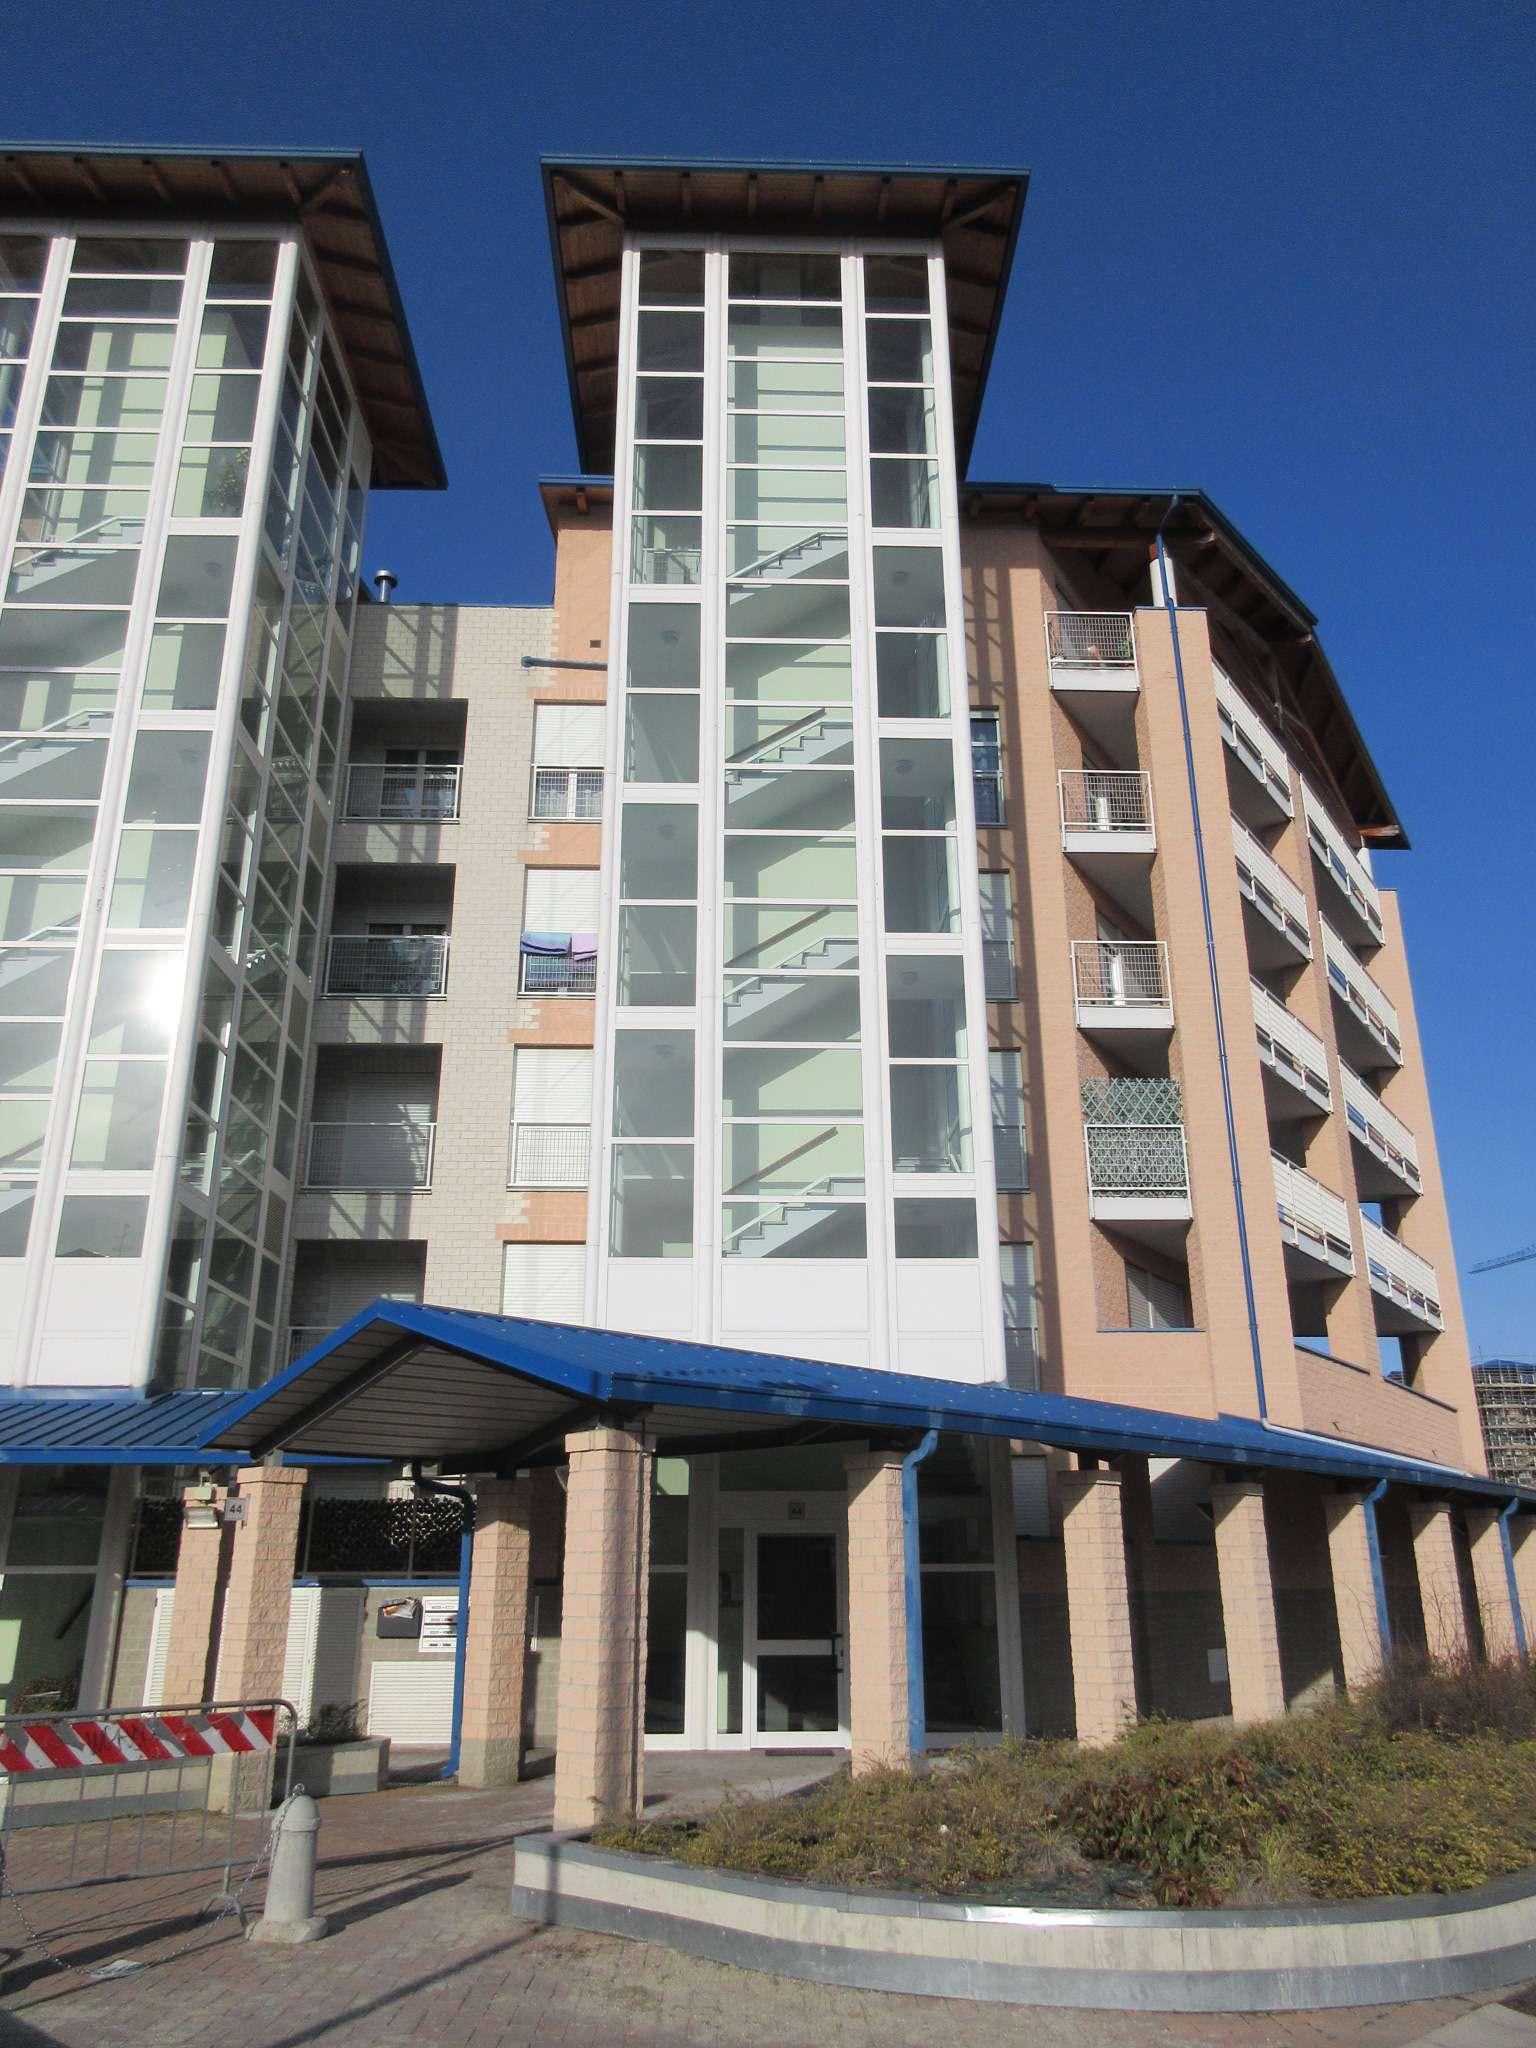 Appartamento in vendita a Alba, 2 locali, prezzo € 120.000 | PortaleAgenzieImmobiliari.it